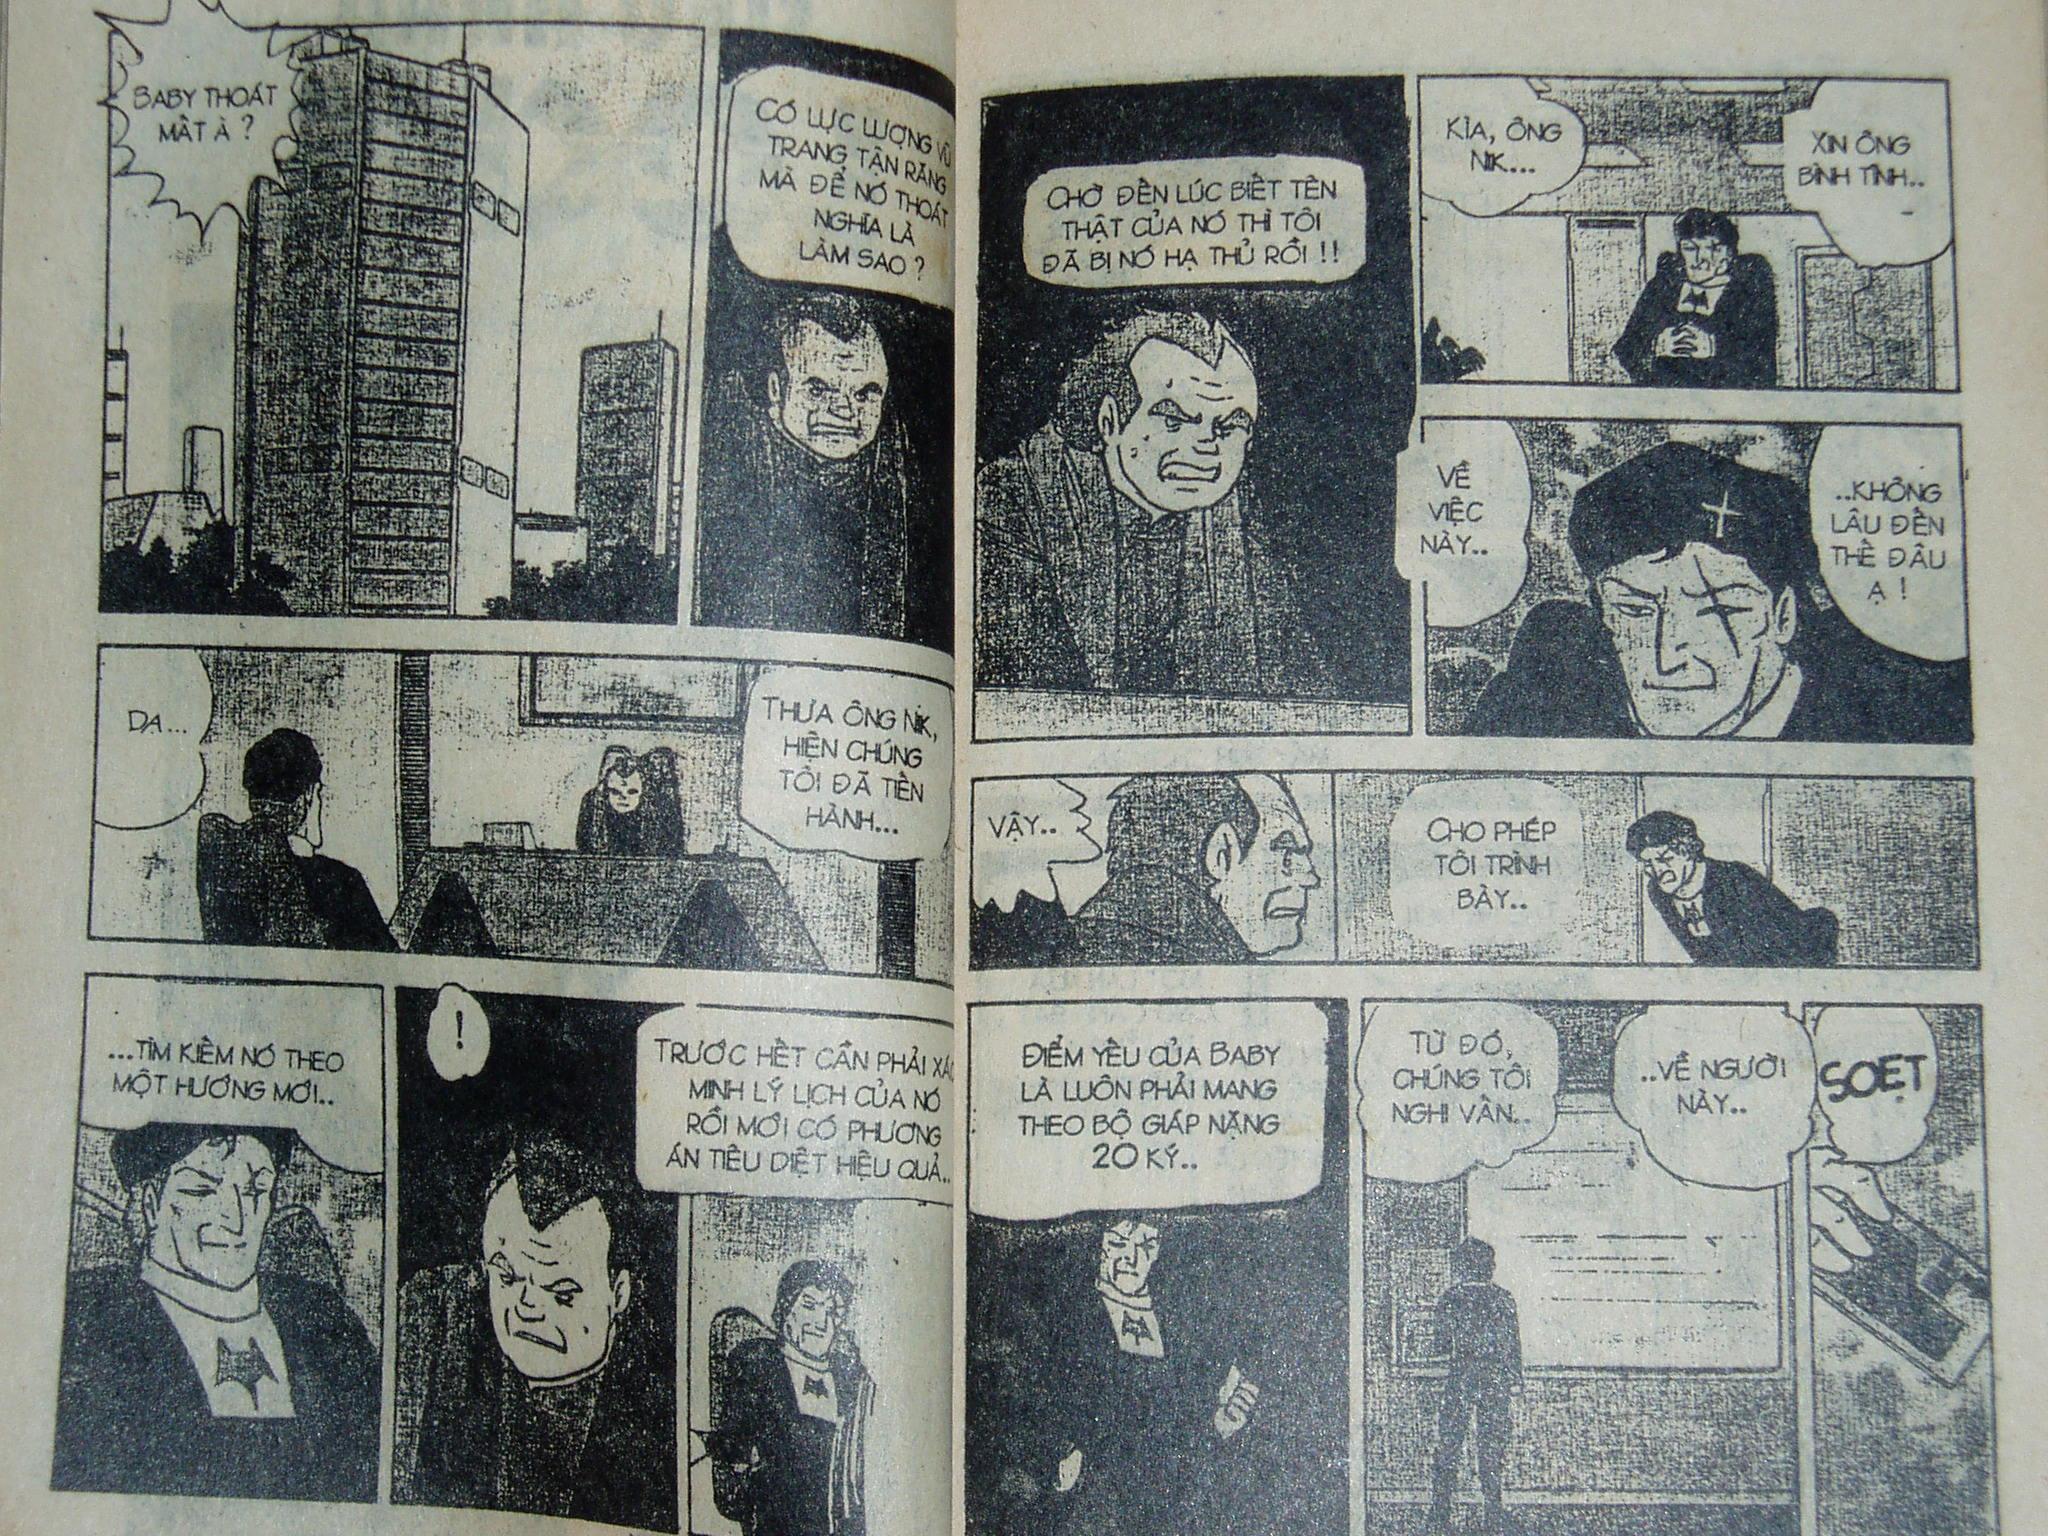 Siêu nhân Locke vol 16 trang 29